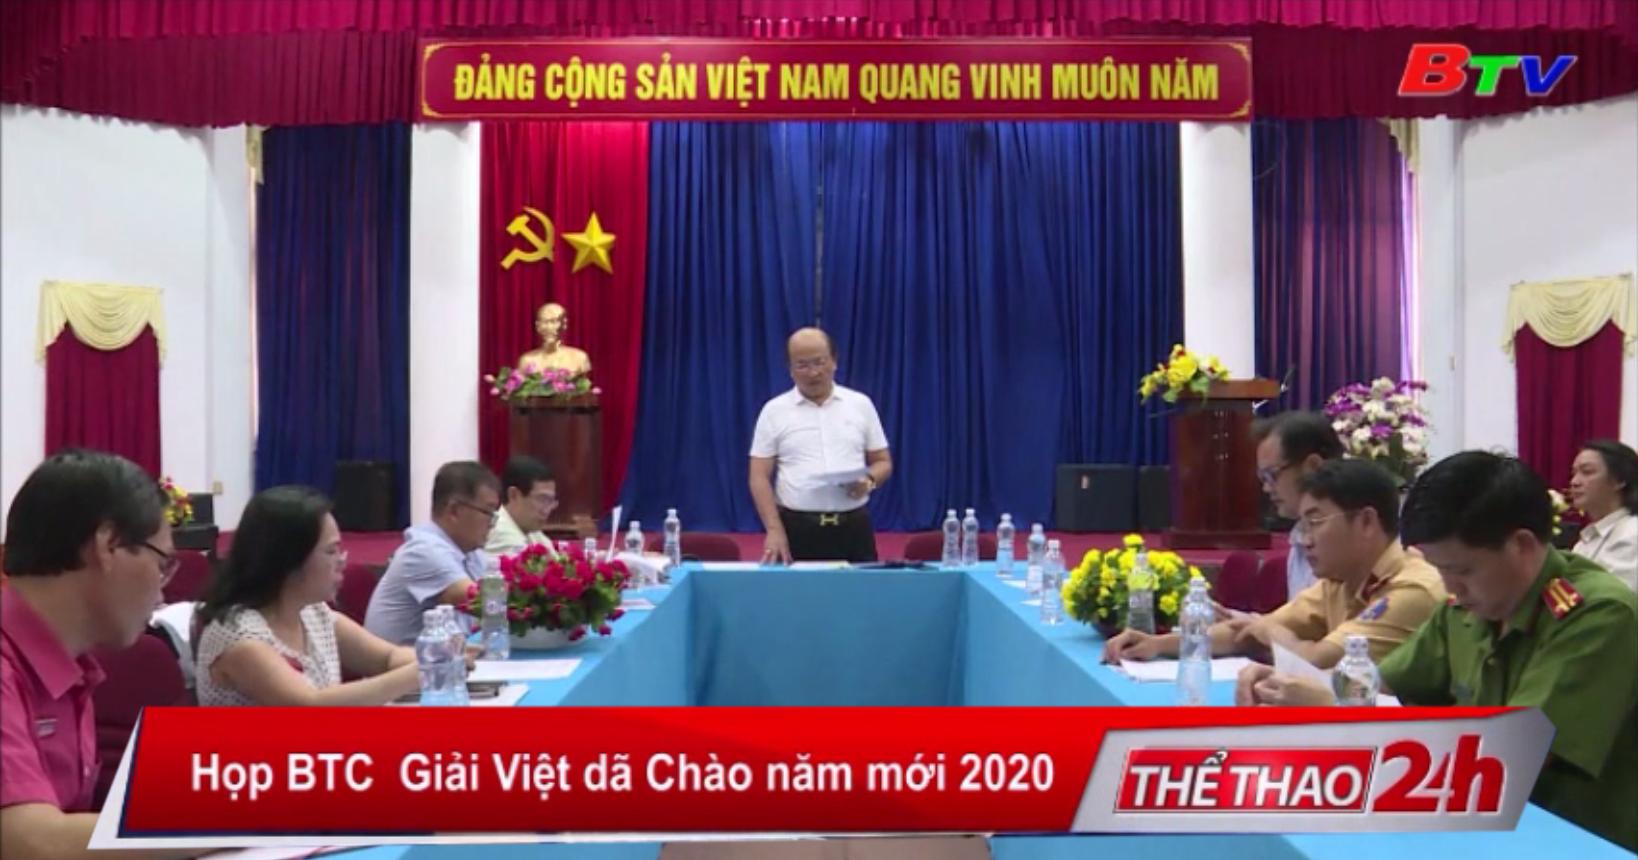 Họp Ban Tổ chức Giải Việt dã Chào năm mới 2020